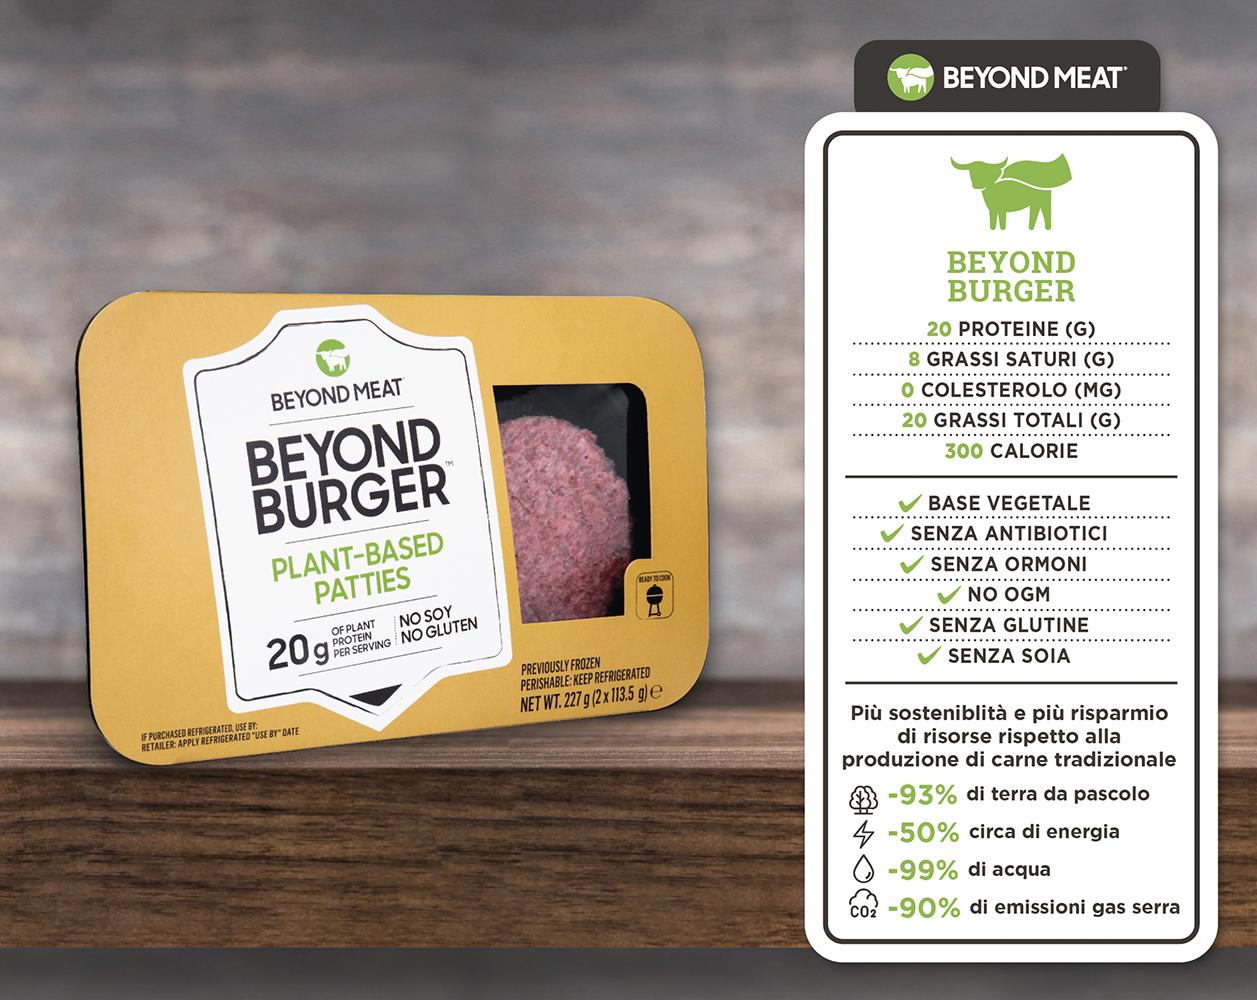 Beyond Burger - Il rivoluzionario burger vegetale che piace all'ambiente oltre che ai carnivori